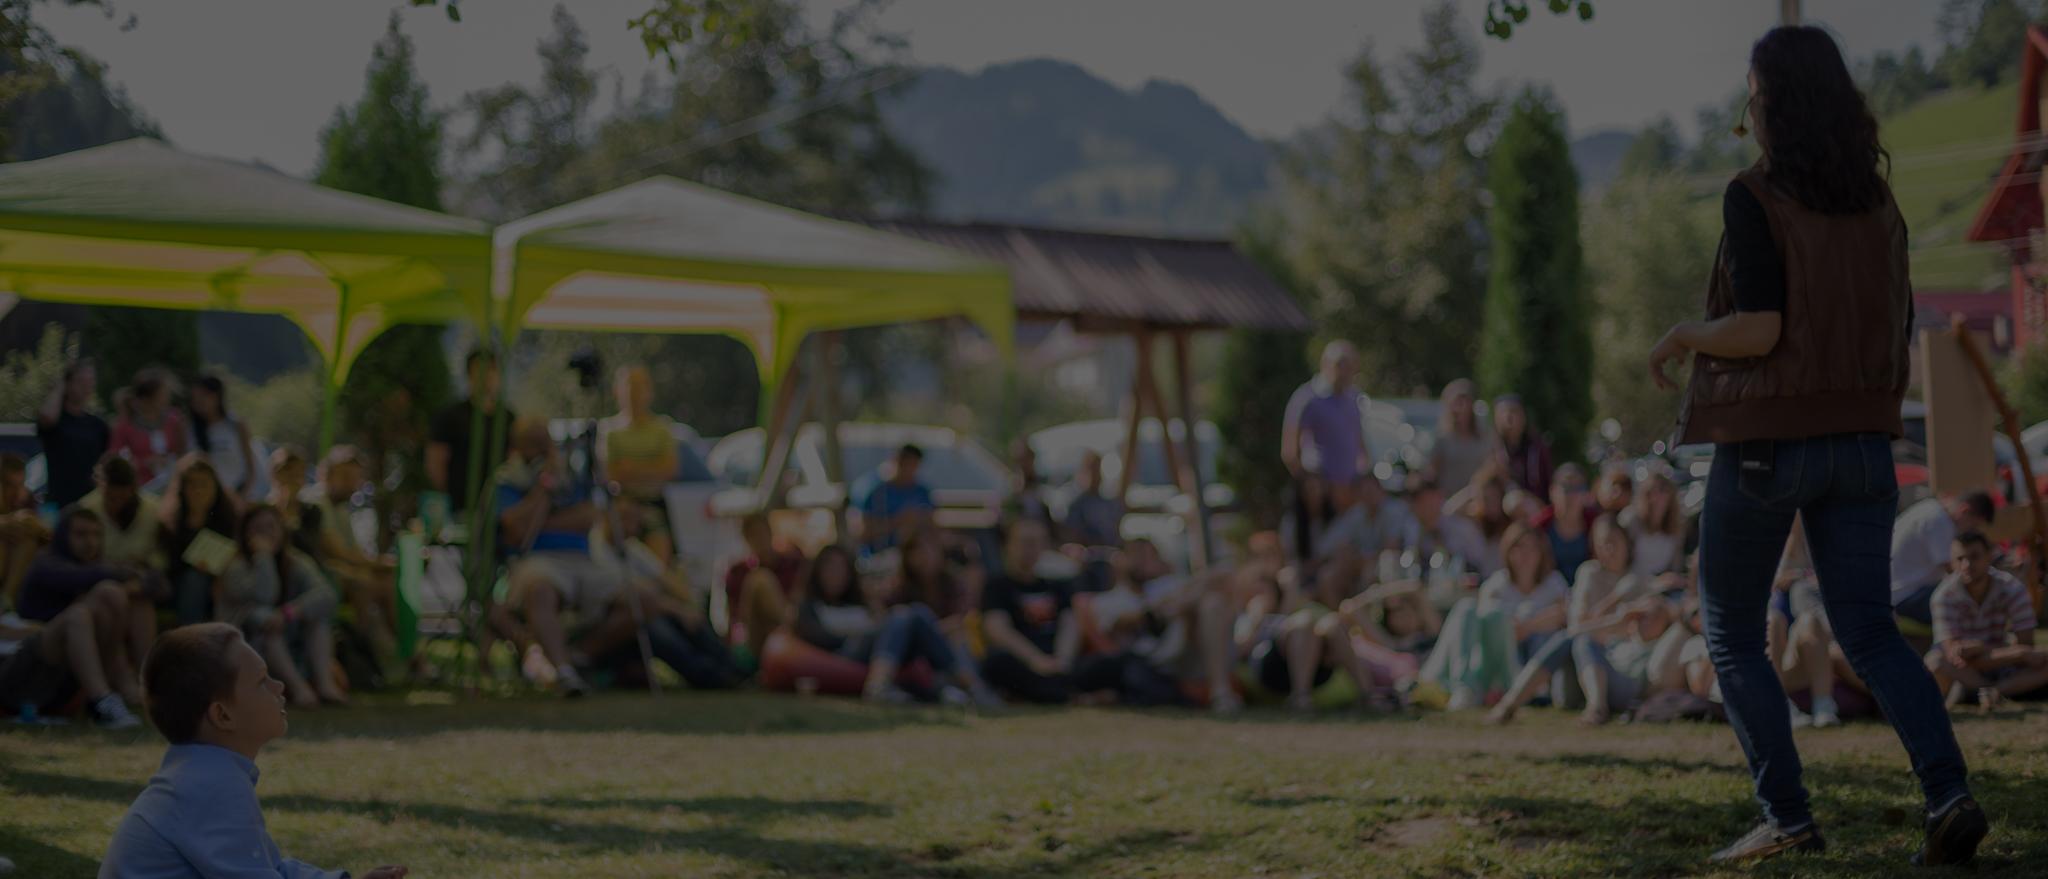 Learning @ Camp2015 – Cum stau cu învățarea mea?